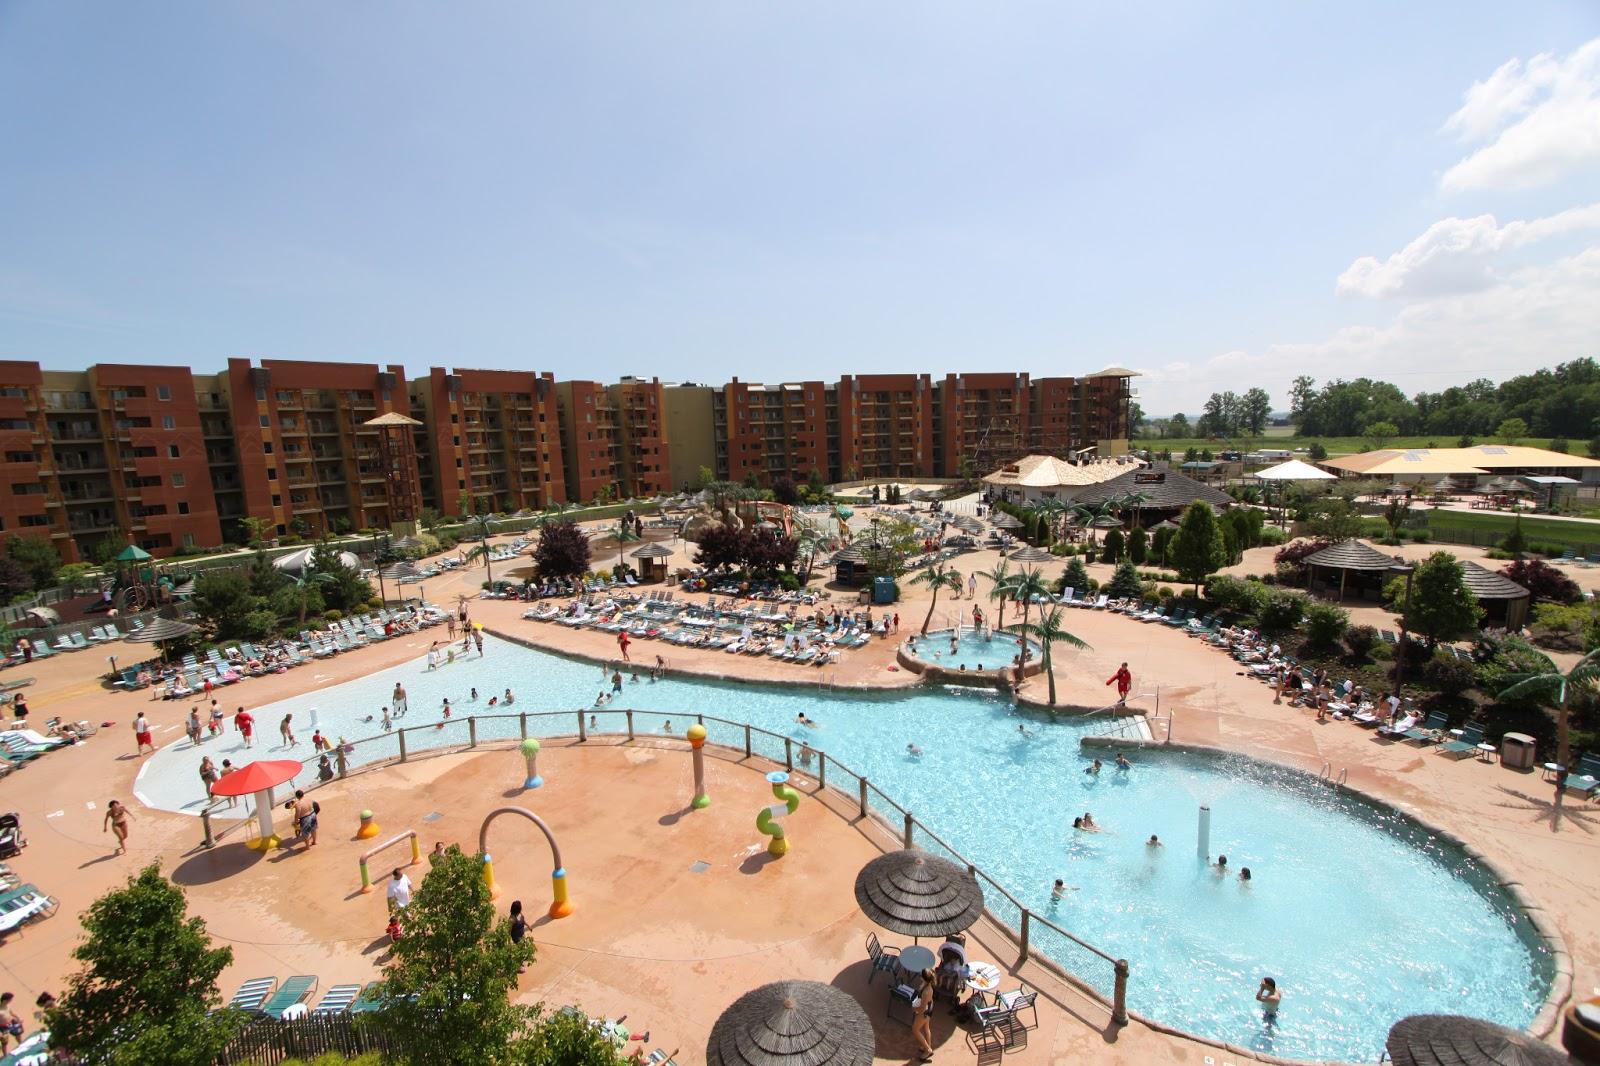 Kalahari Resorts Plans Expansion In Pocono Mountains Gr8lakescamper